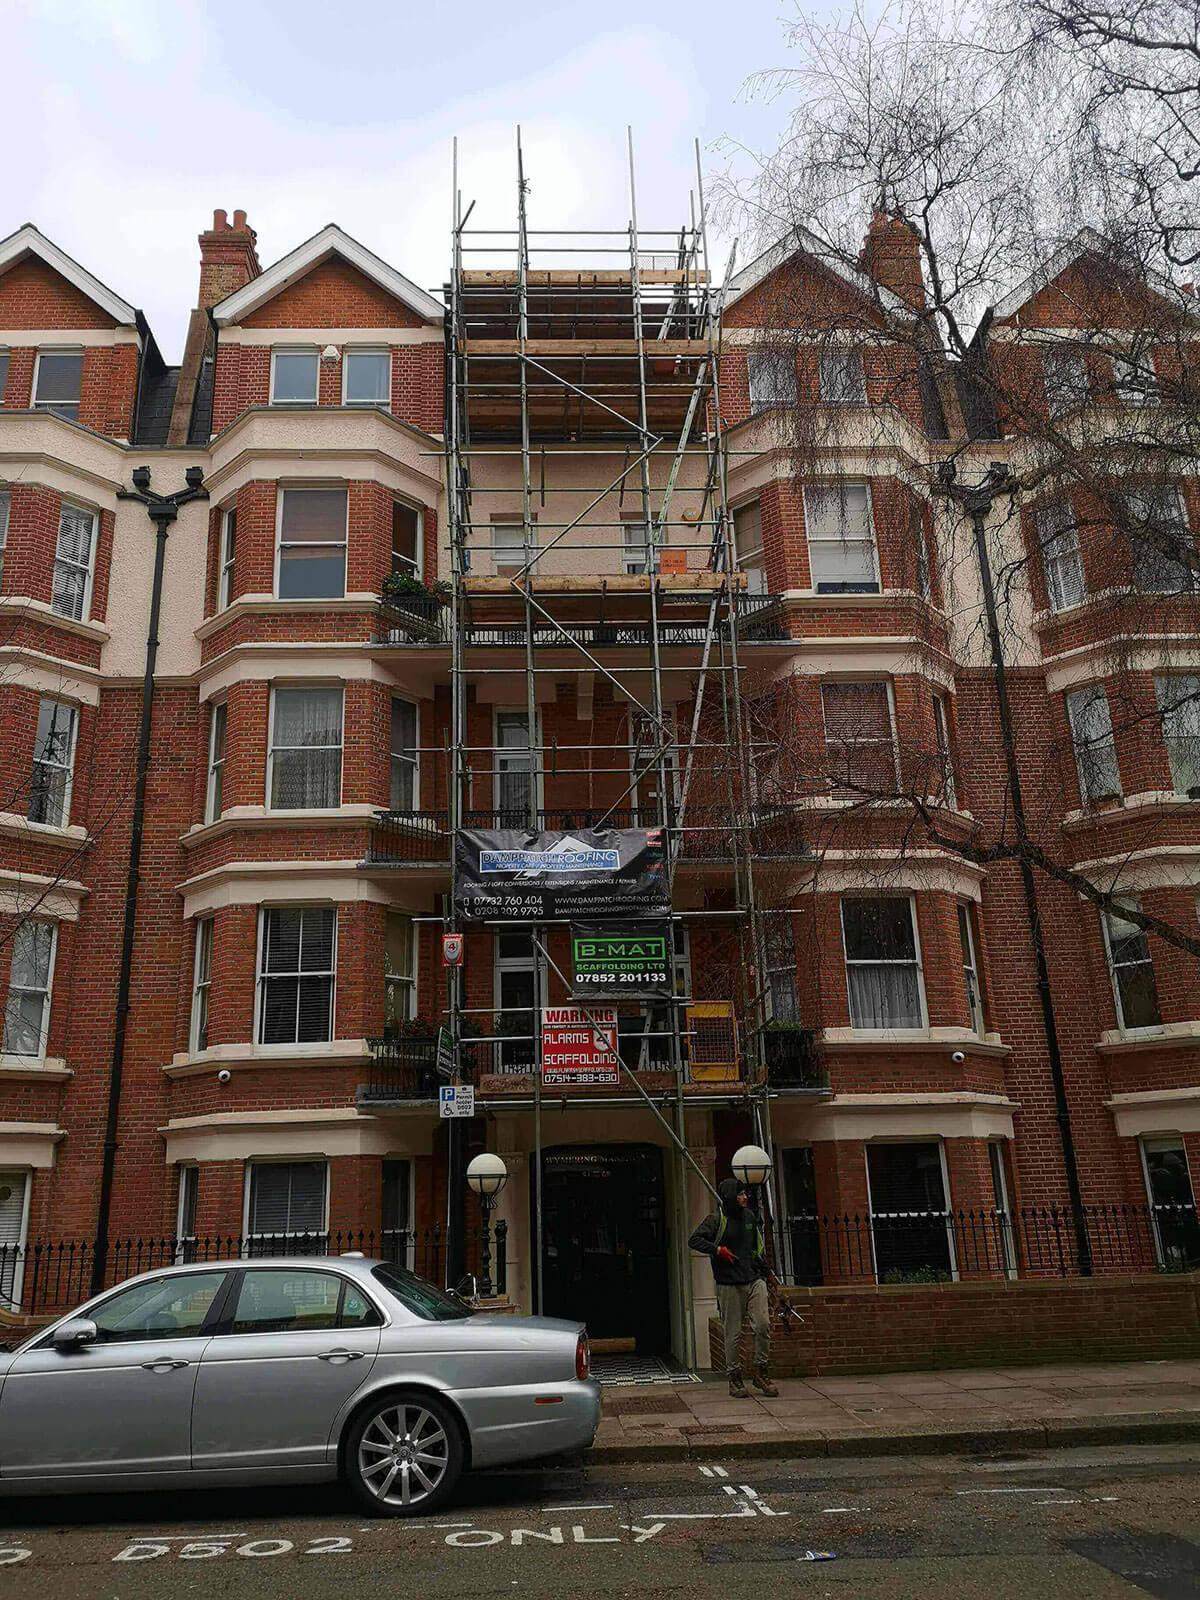 scaffolding hire company